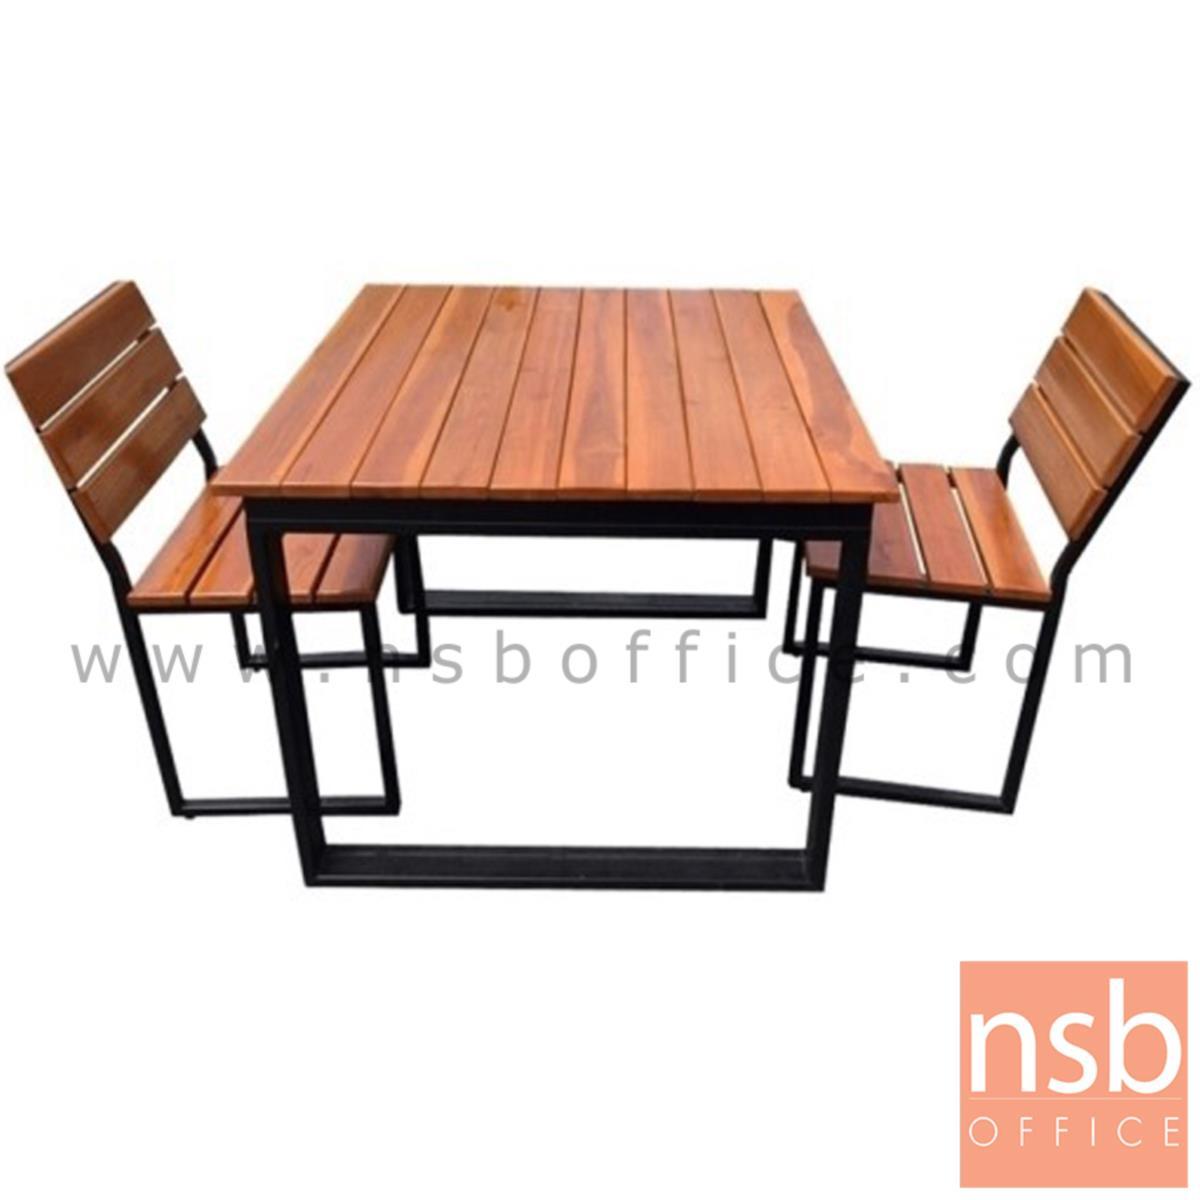 A17A089:ชุดโต๊ะและเก้าอี้กิจกรรมไม้ระแนงทำสีสัก รุ่น WASHINGTON (วอชิงตัน) ขนาด 90W ,150W cm. ขาโมเดิร์น